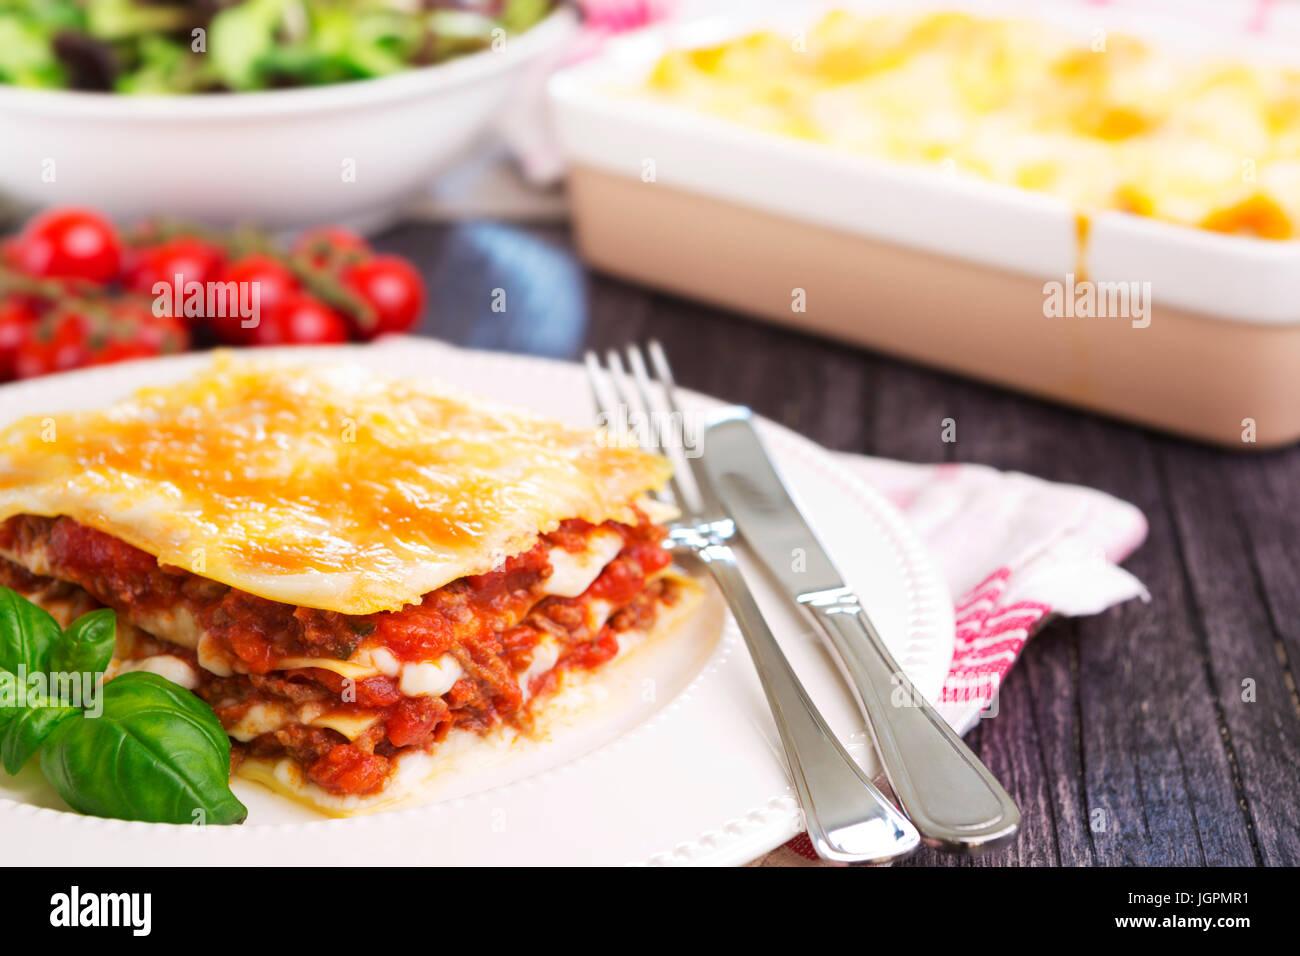 Eine Portion hausgemachte Lasagne auf einer Platte auf einem hell erleuchteten Tisch. Stockbild